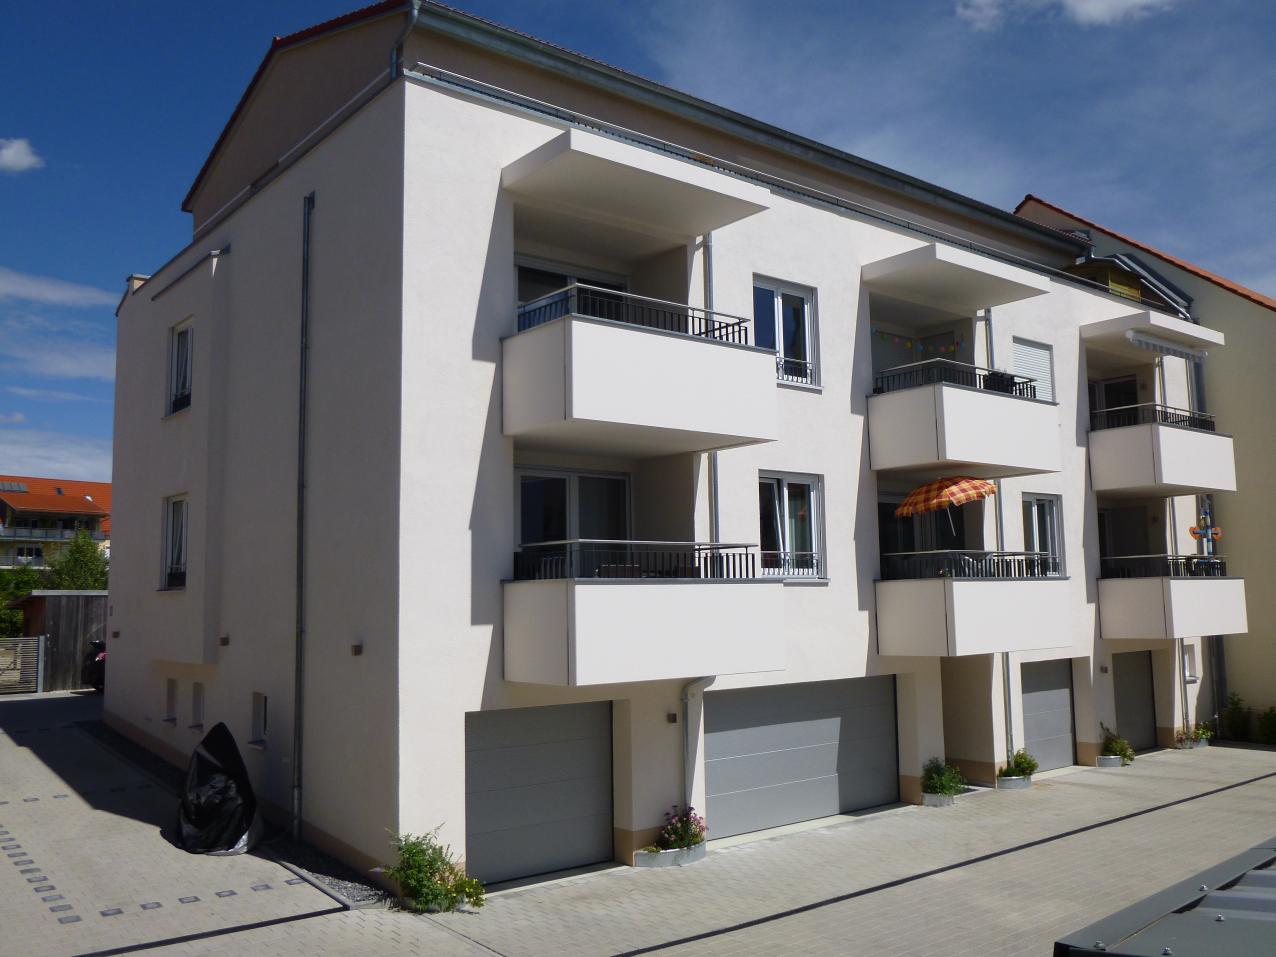 klosterstrasse6_04